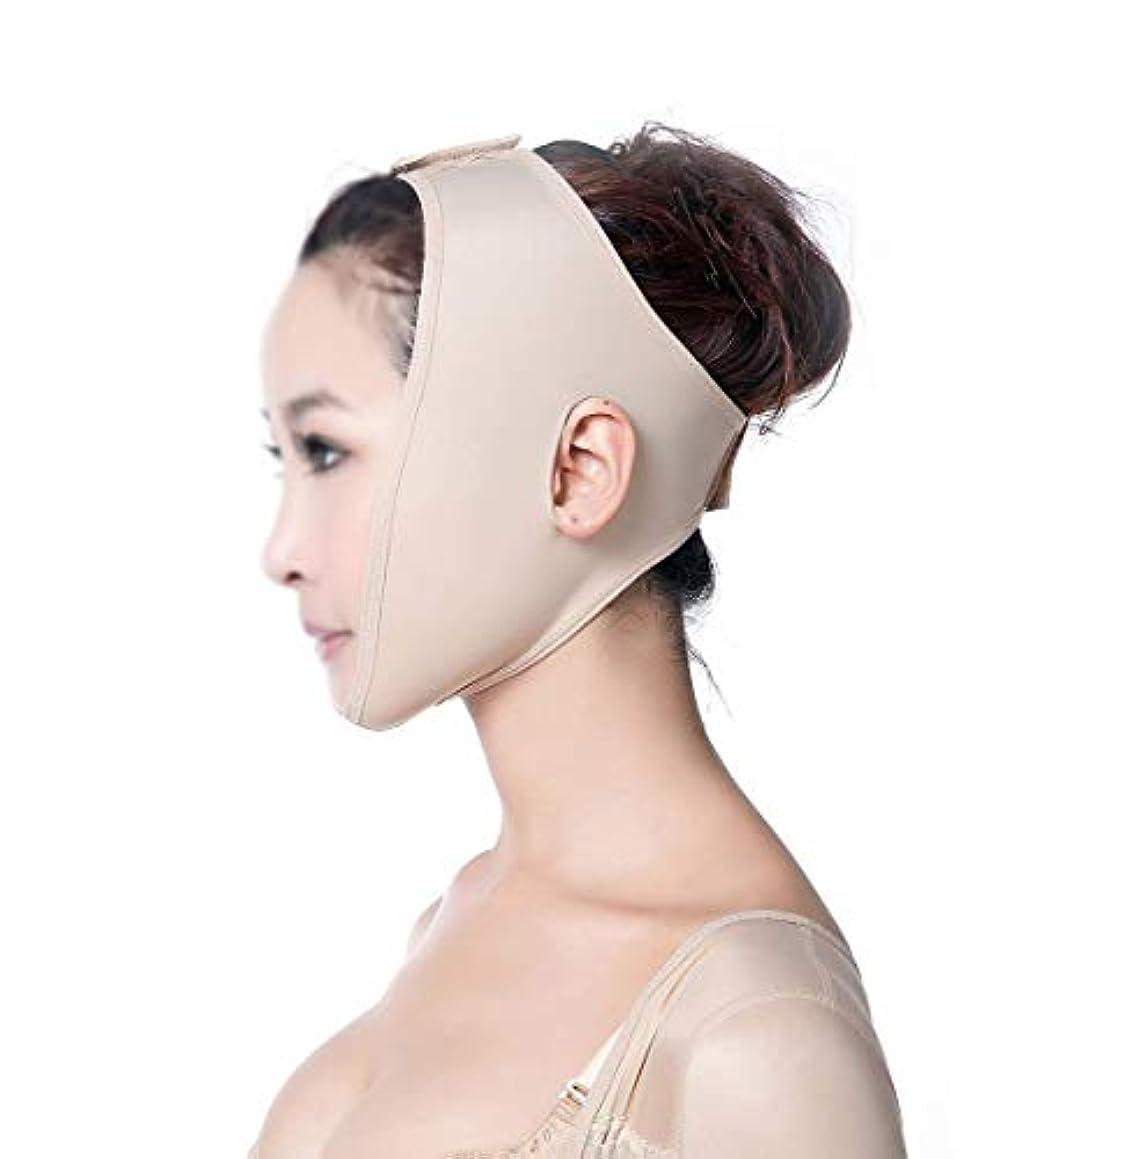 ヒューマニスティック寂しいガレージフェイスリフトマスクフェイスアンドネックリフトポストエラスティックスリーブ下顎骨セットフェイスアーティファクトVフェイスフェイシャルフェイスバンドルダブルチンマスク(サイズ:XS)